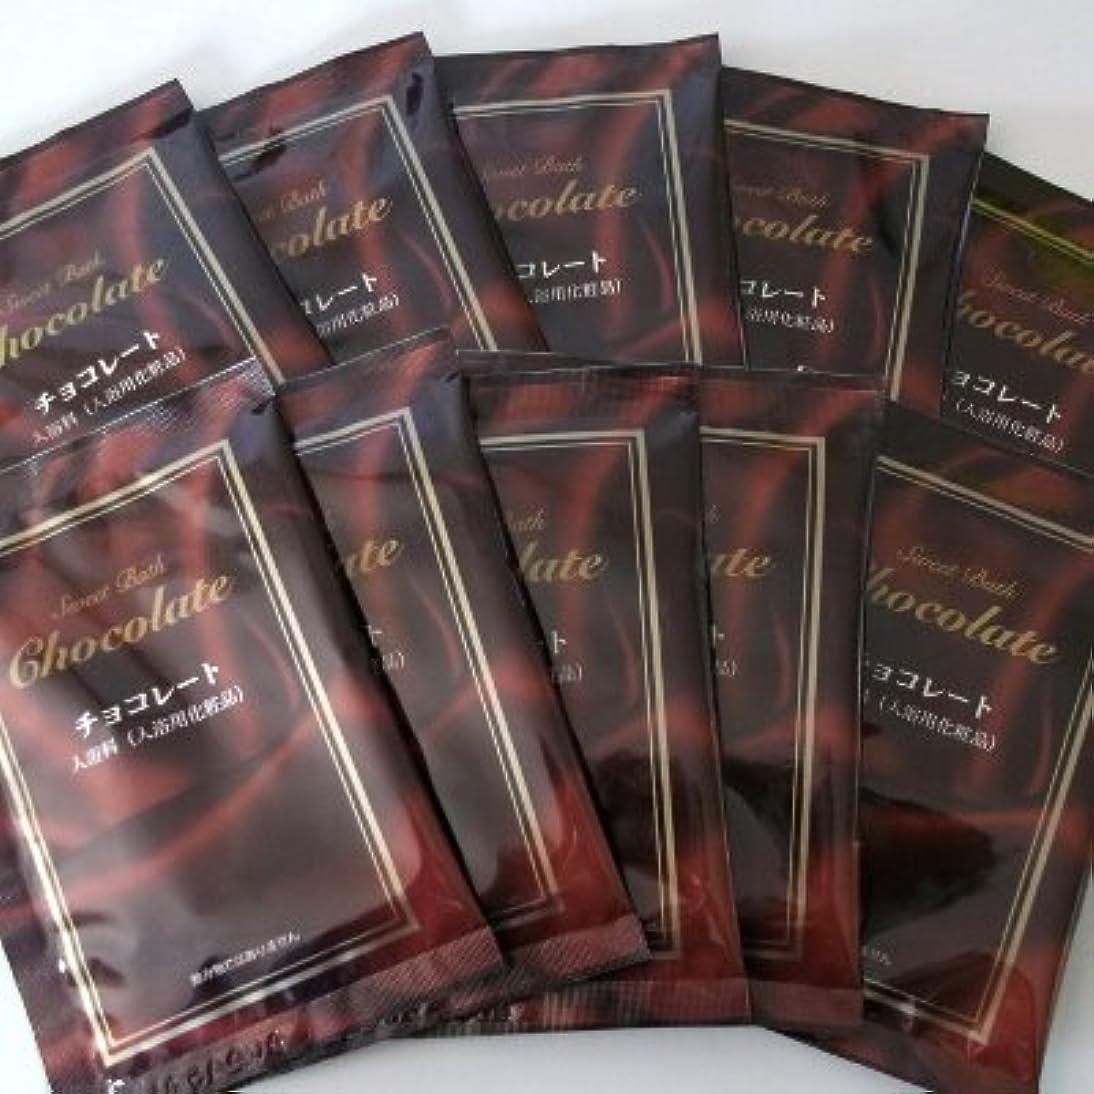 成長するボイラー創傷スイートバス チョコレートの香り 10包セット